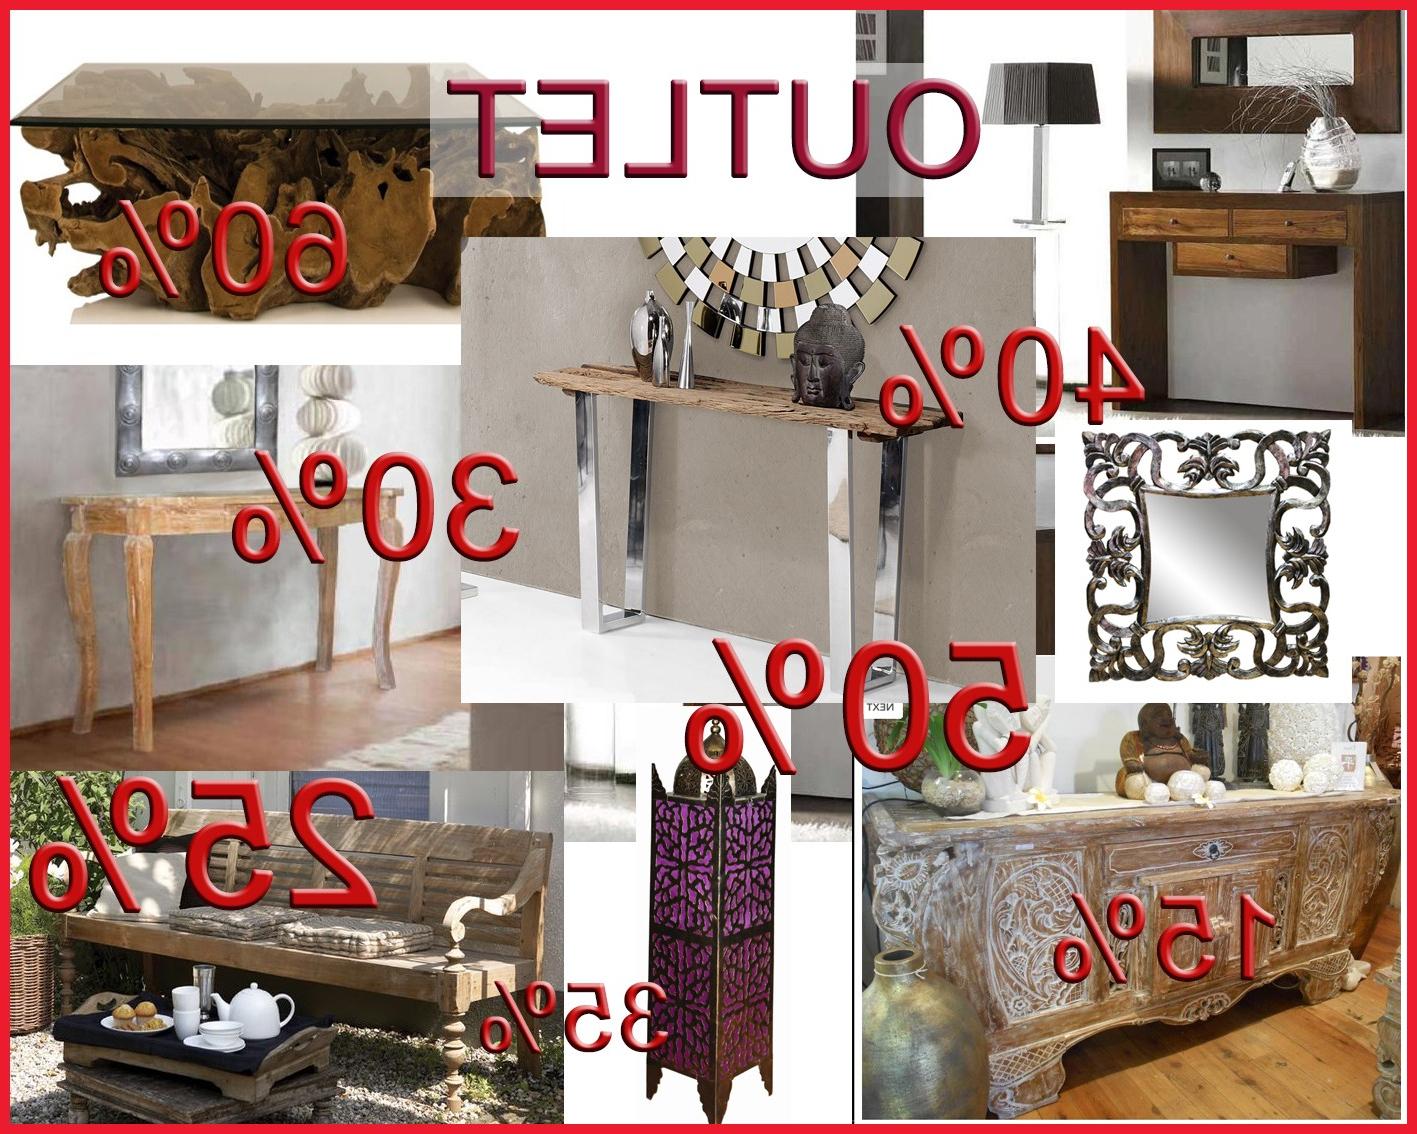 Tiendas De Muebles En Sevilla Liquidacion Q5df Tiendas De Muebles En Sevilla Liquidacion Tienda De Muebles